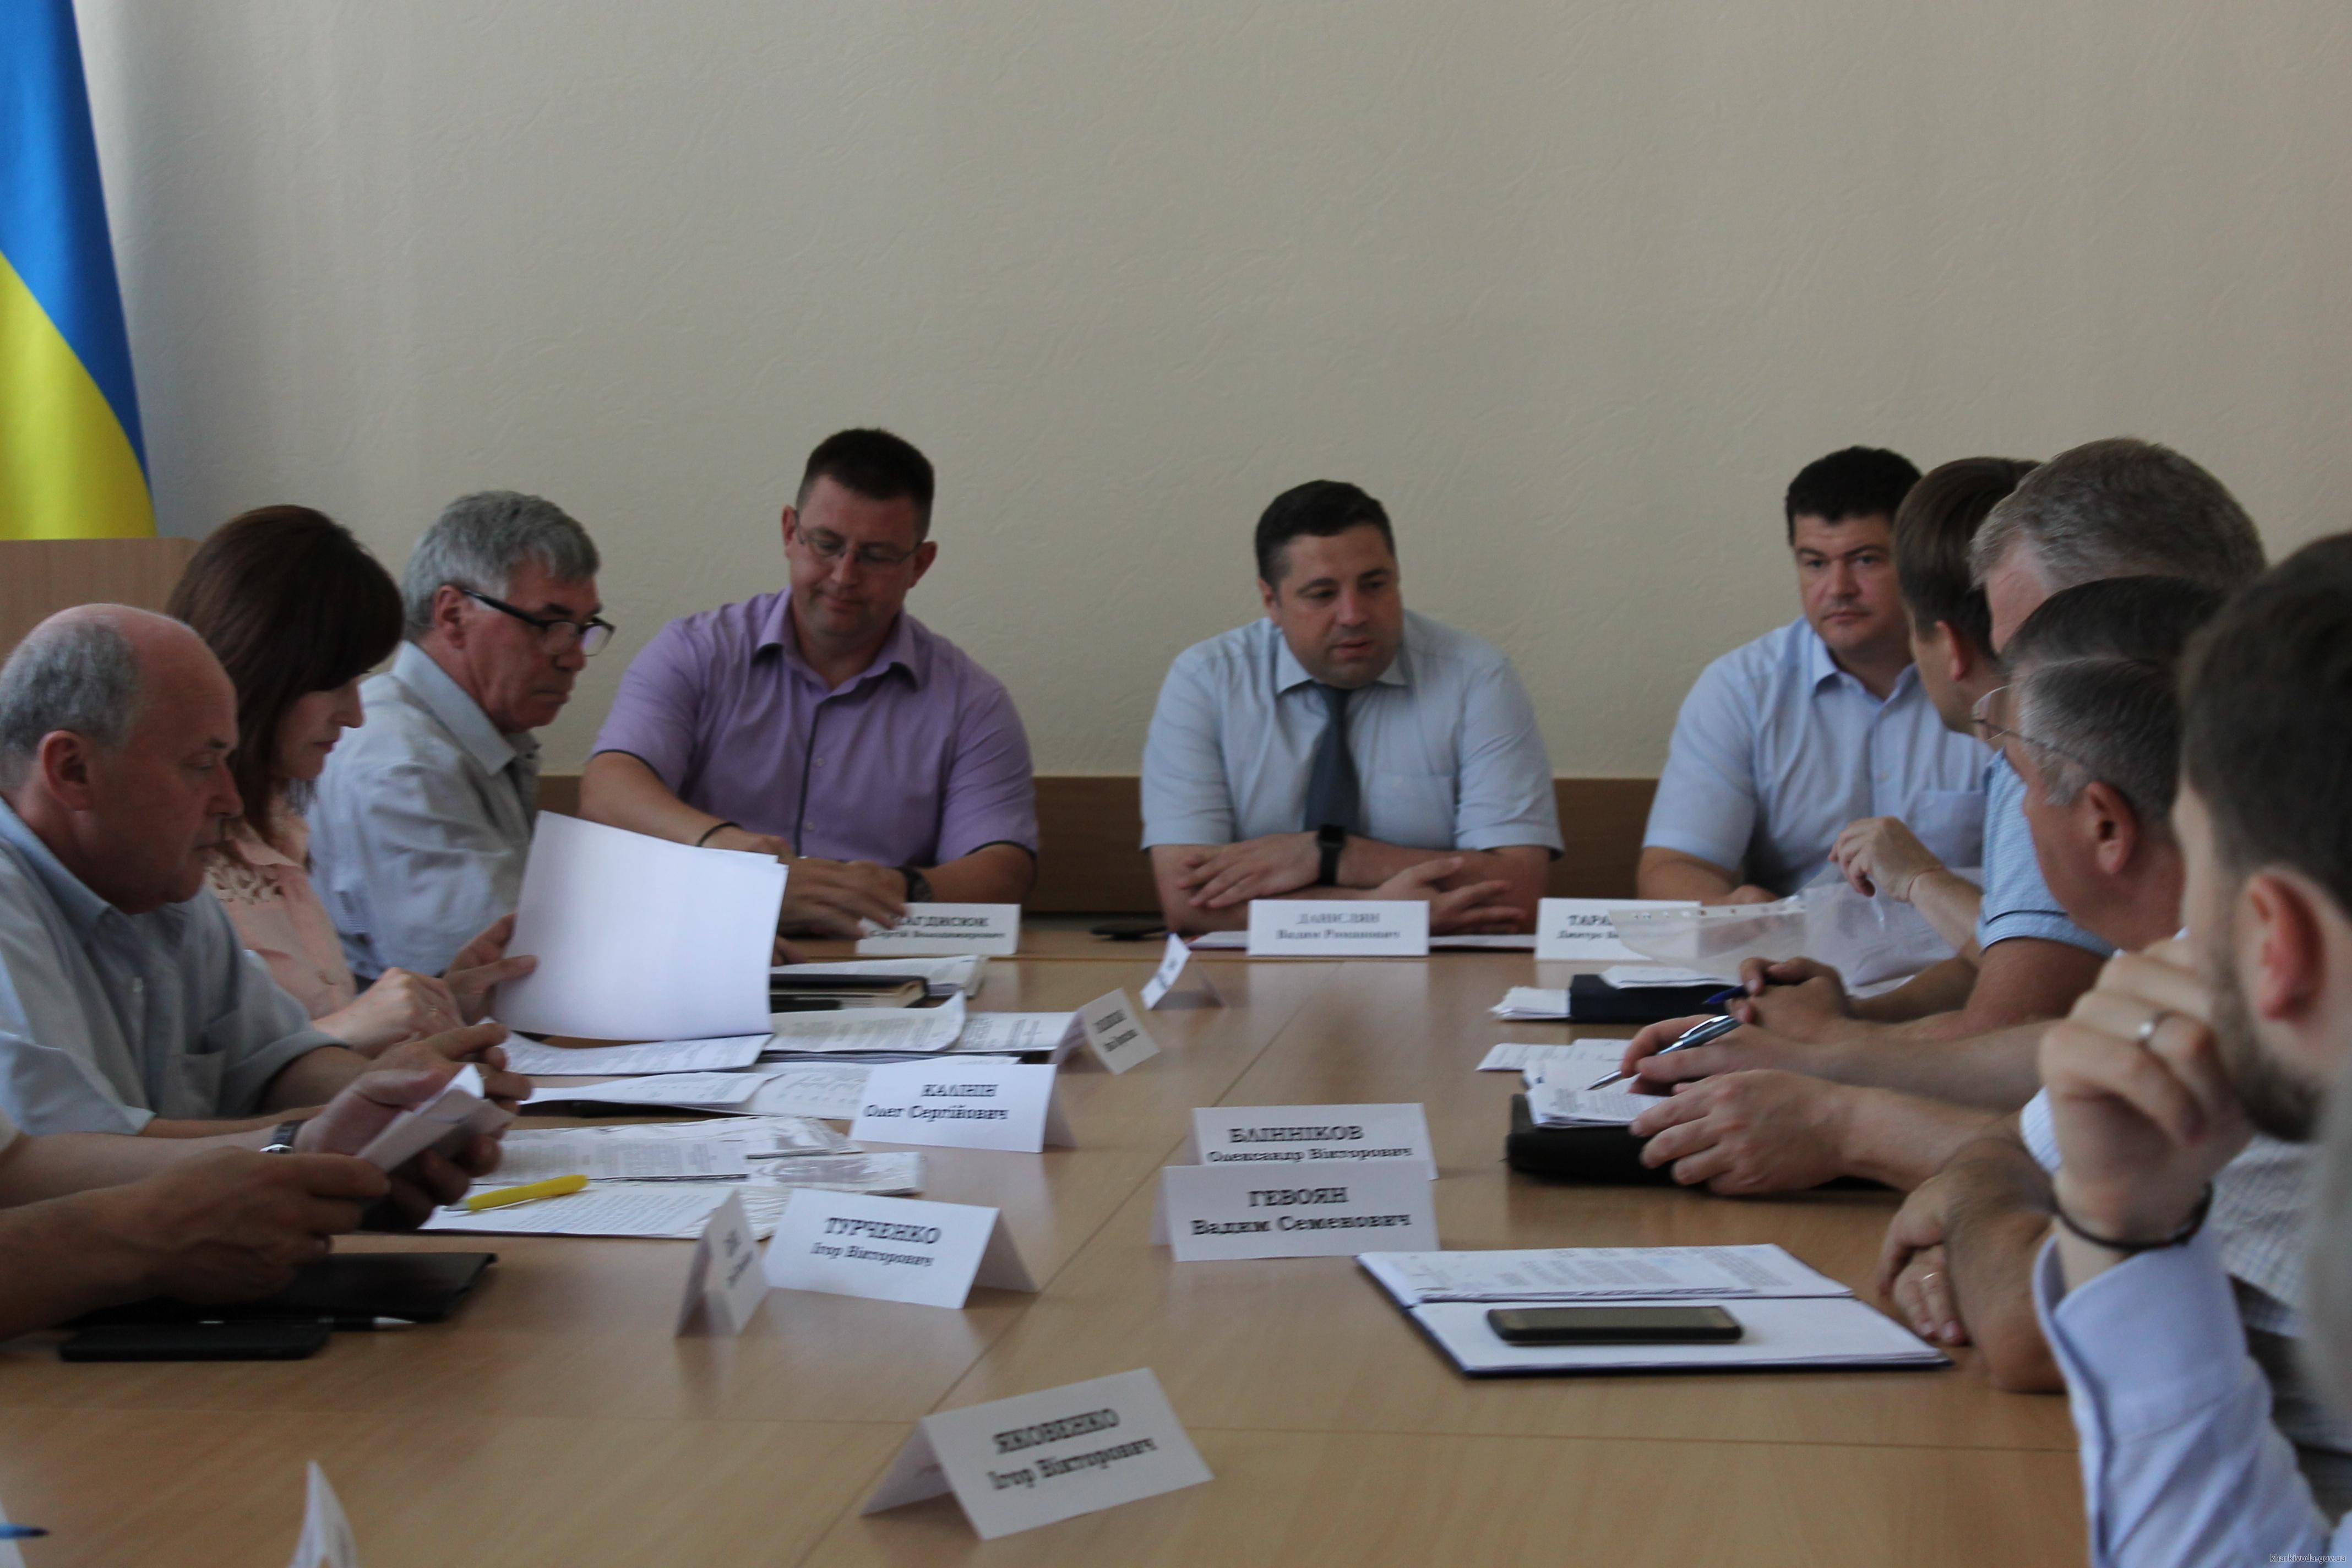 Руководители четырех районов Харьковщины отчитались о подготовке к зимнему периоду